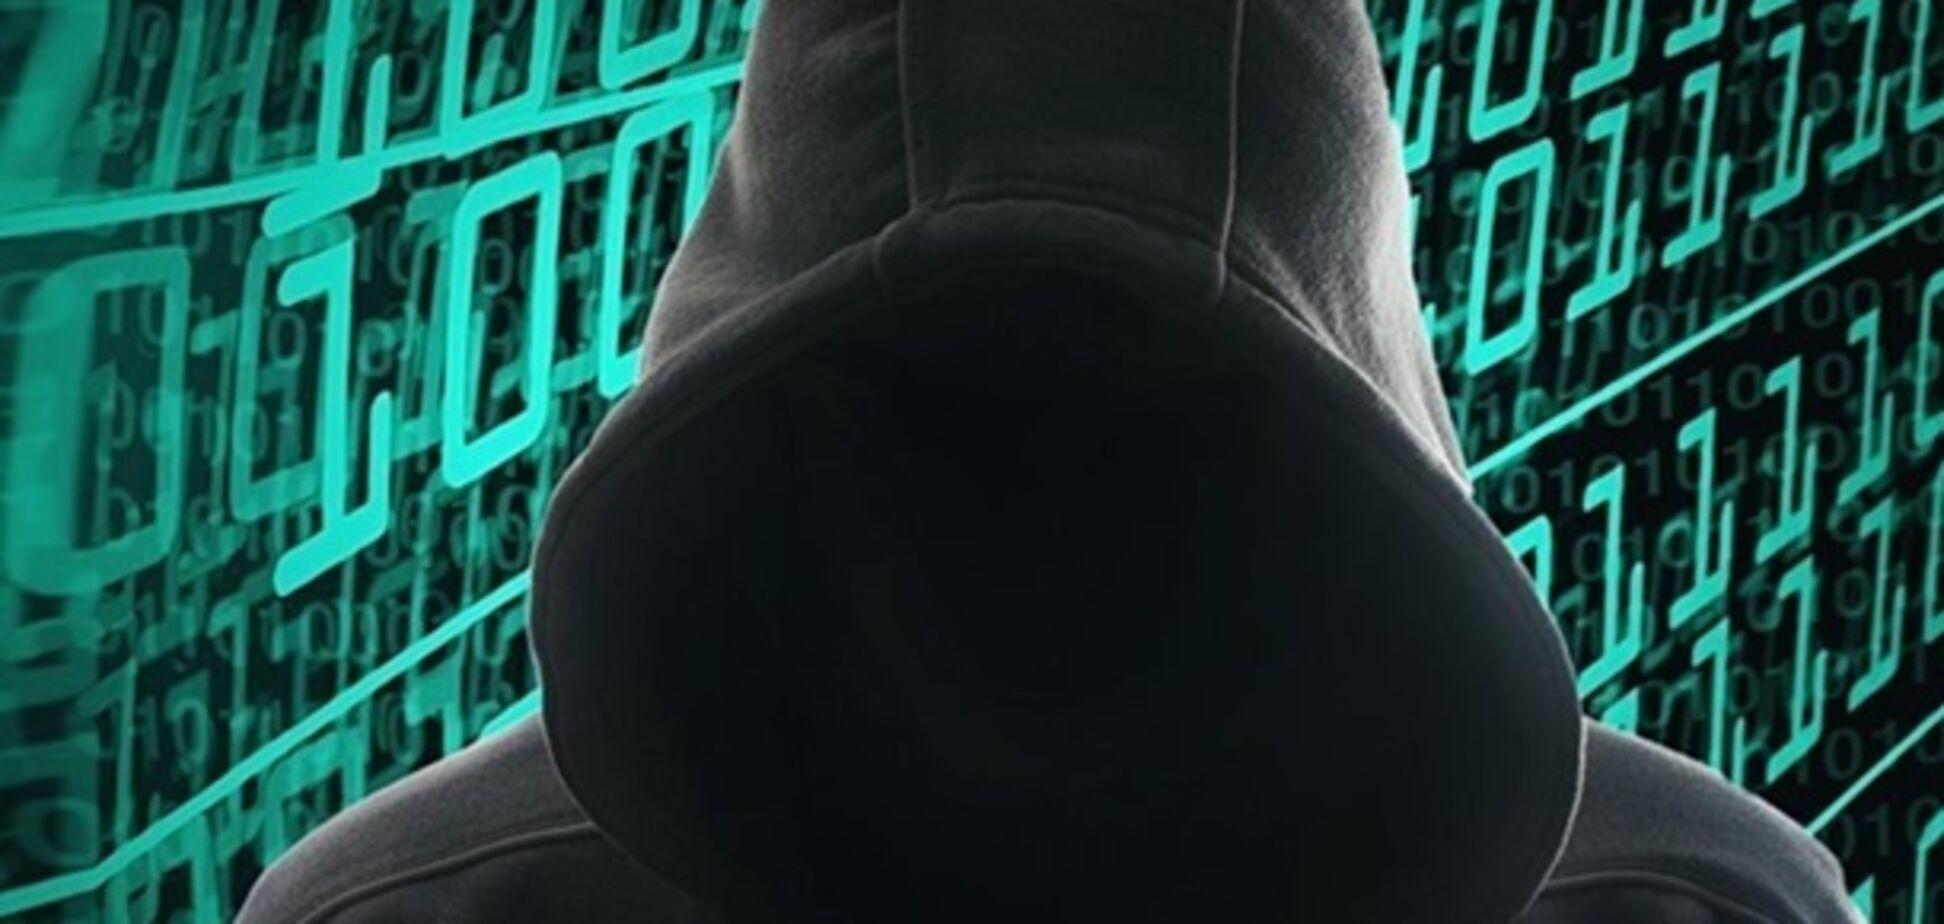 'У тебя хороший вкус': мошенники начали шантаж пользователей их интимными видео с веб-камер